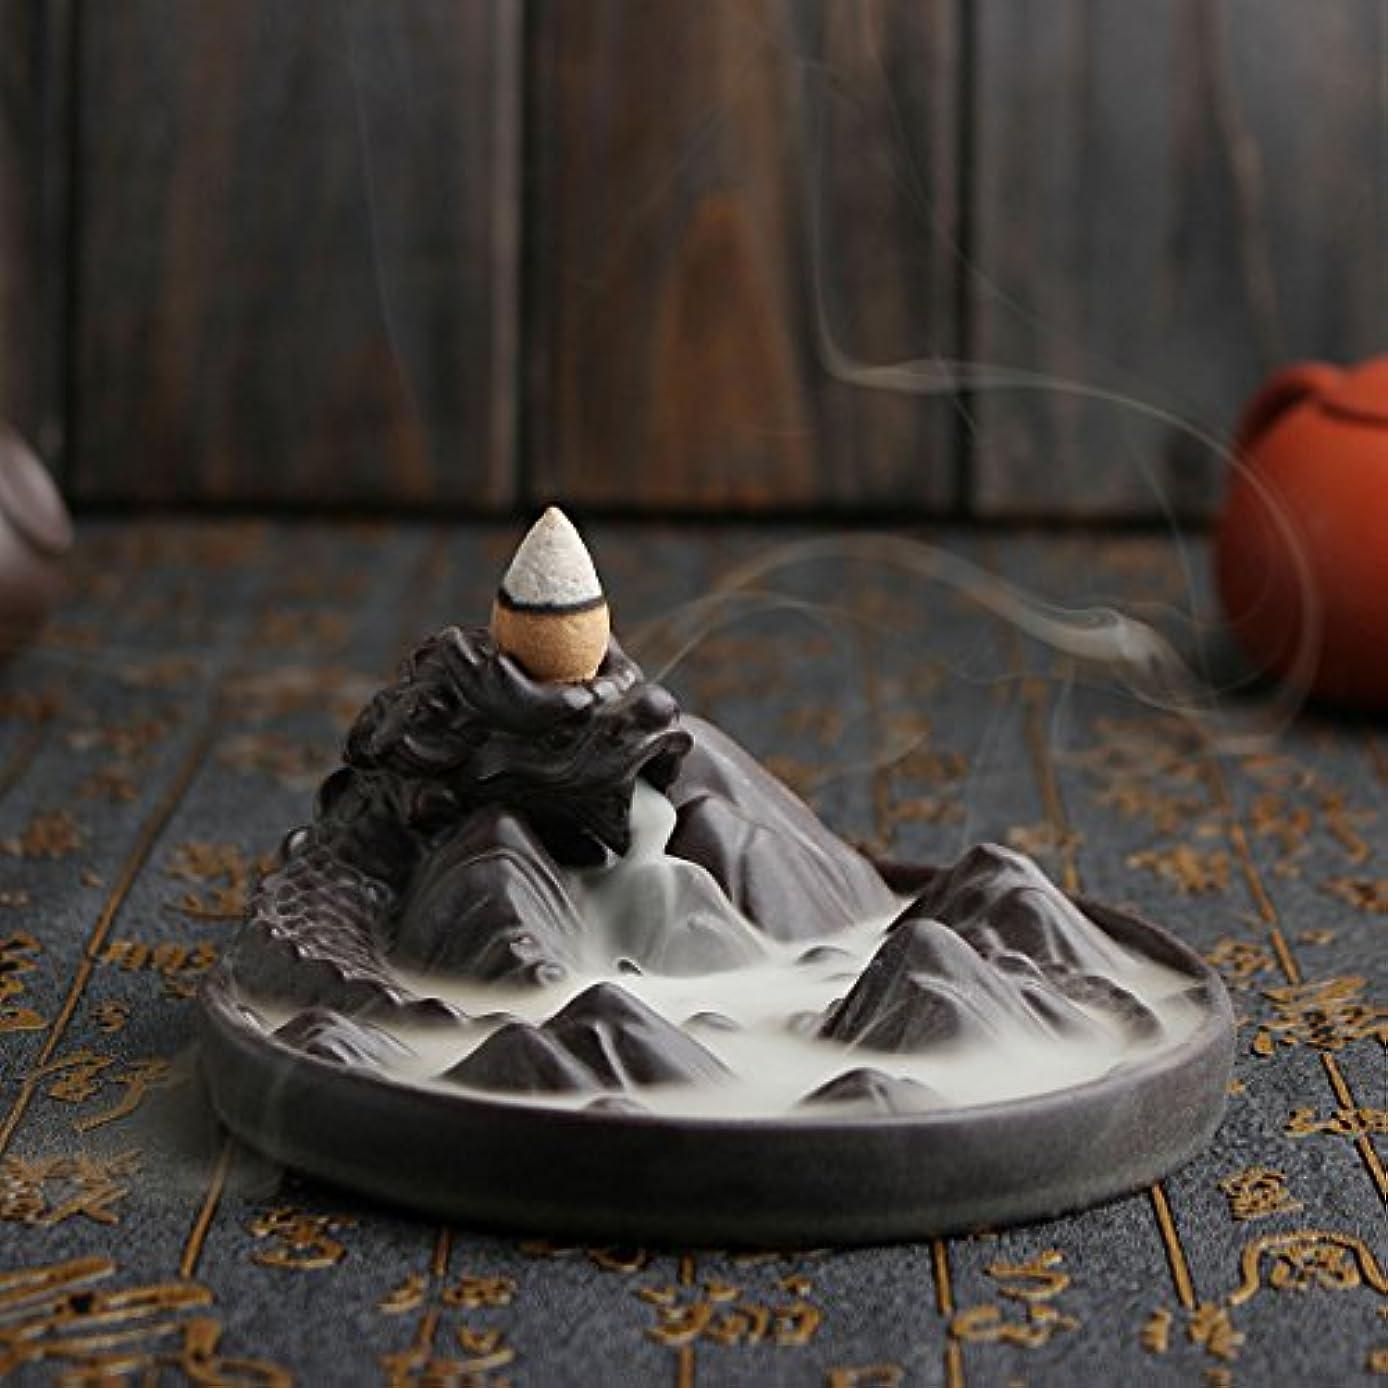 ベリー聴覚モード(Dragon) - Jeteven Ceramic Dragon Backflow Incense Burner + 10 Incense Cones Dragon Incense Burner Holder Handicraft...